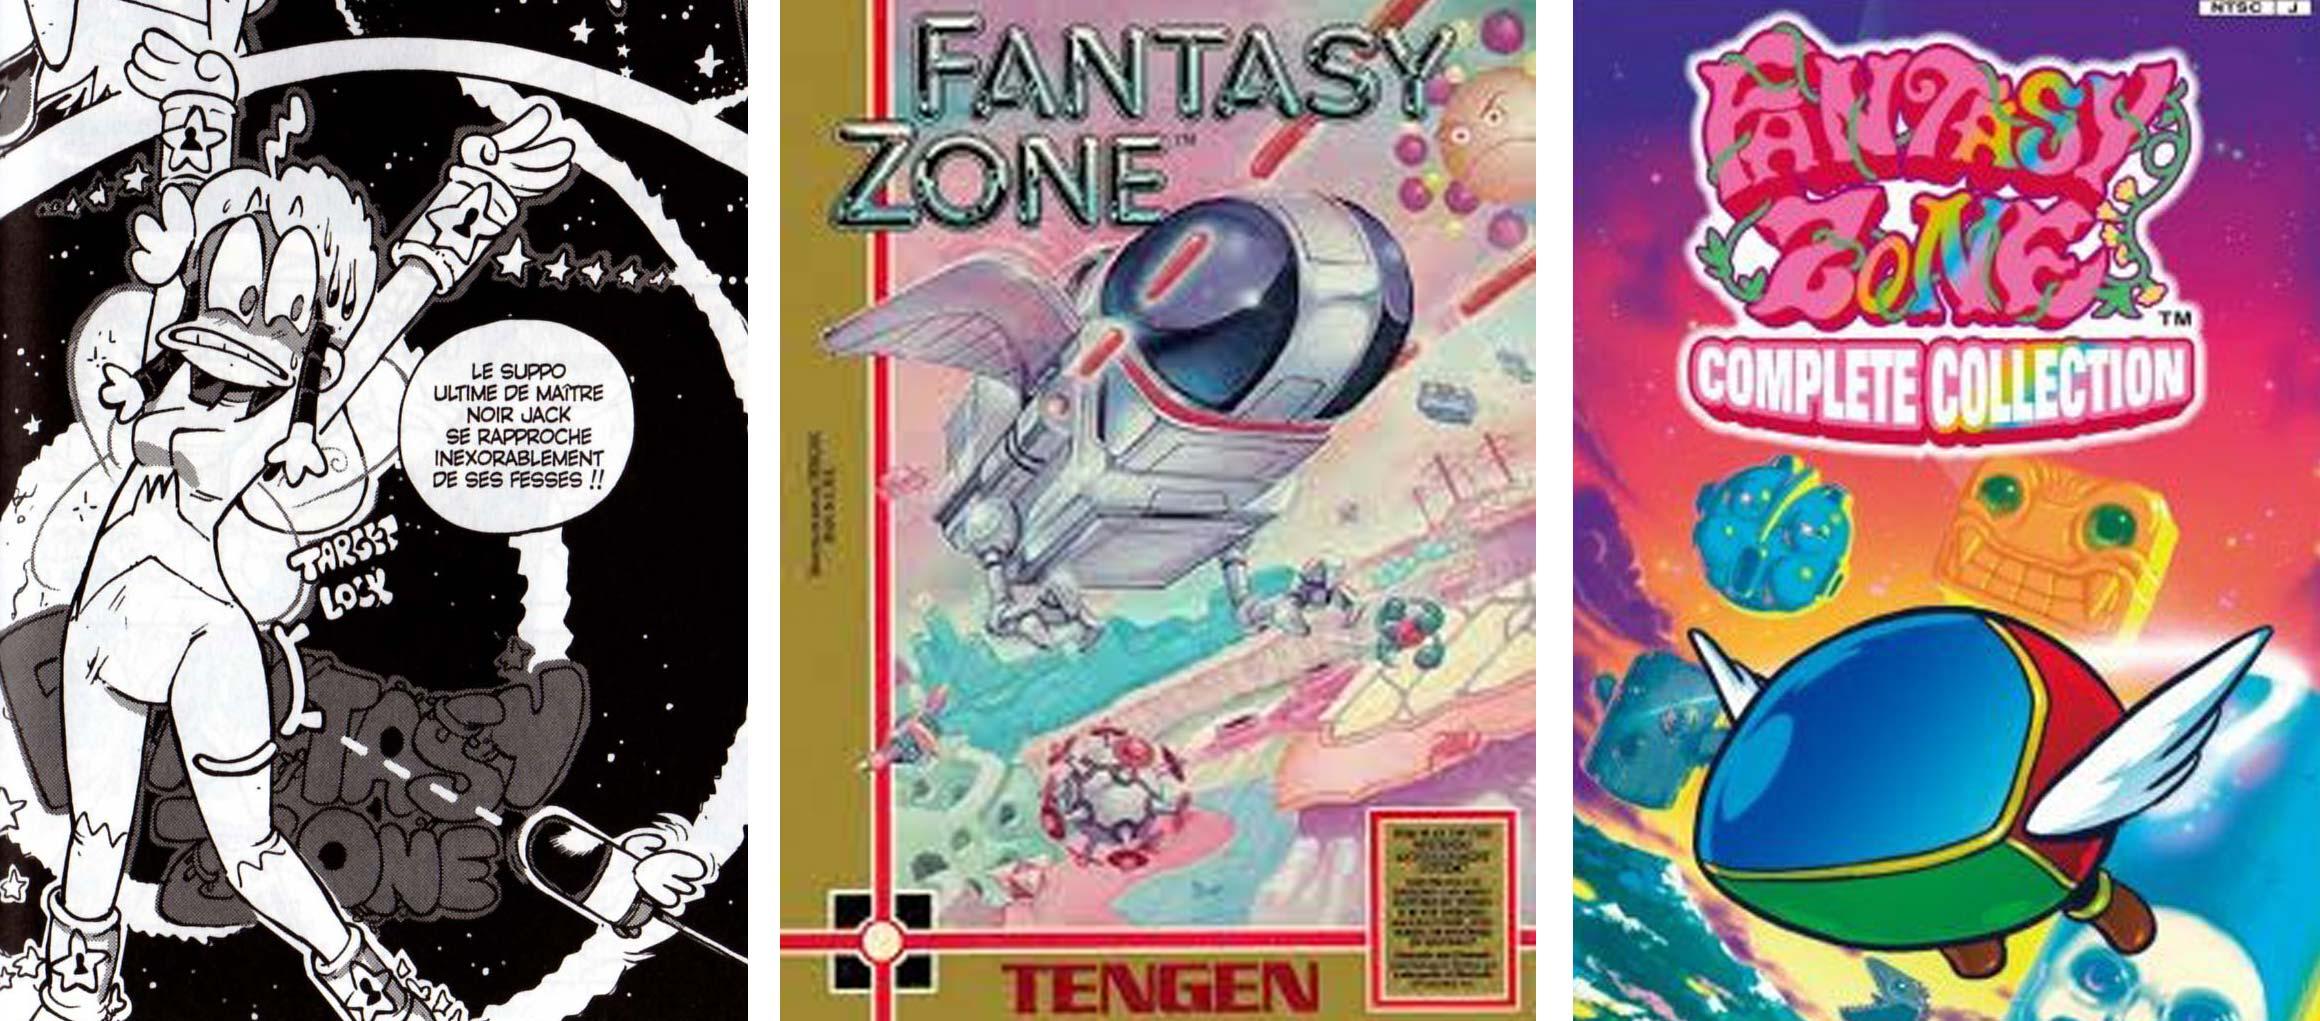 le design du suppositoire font référence a Fantazy Zone